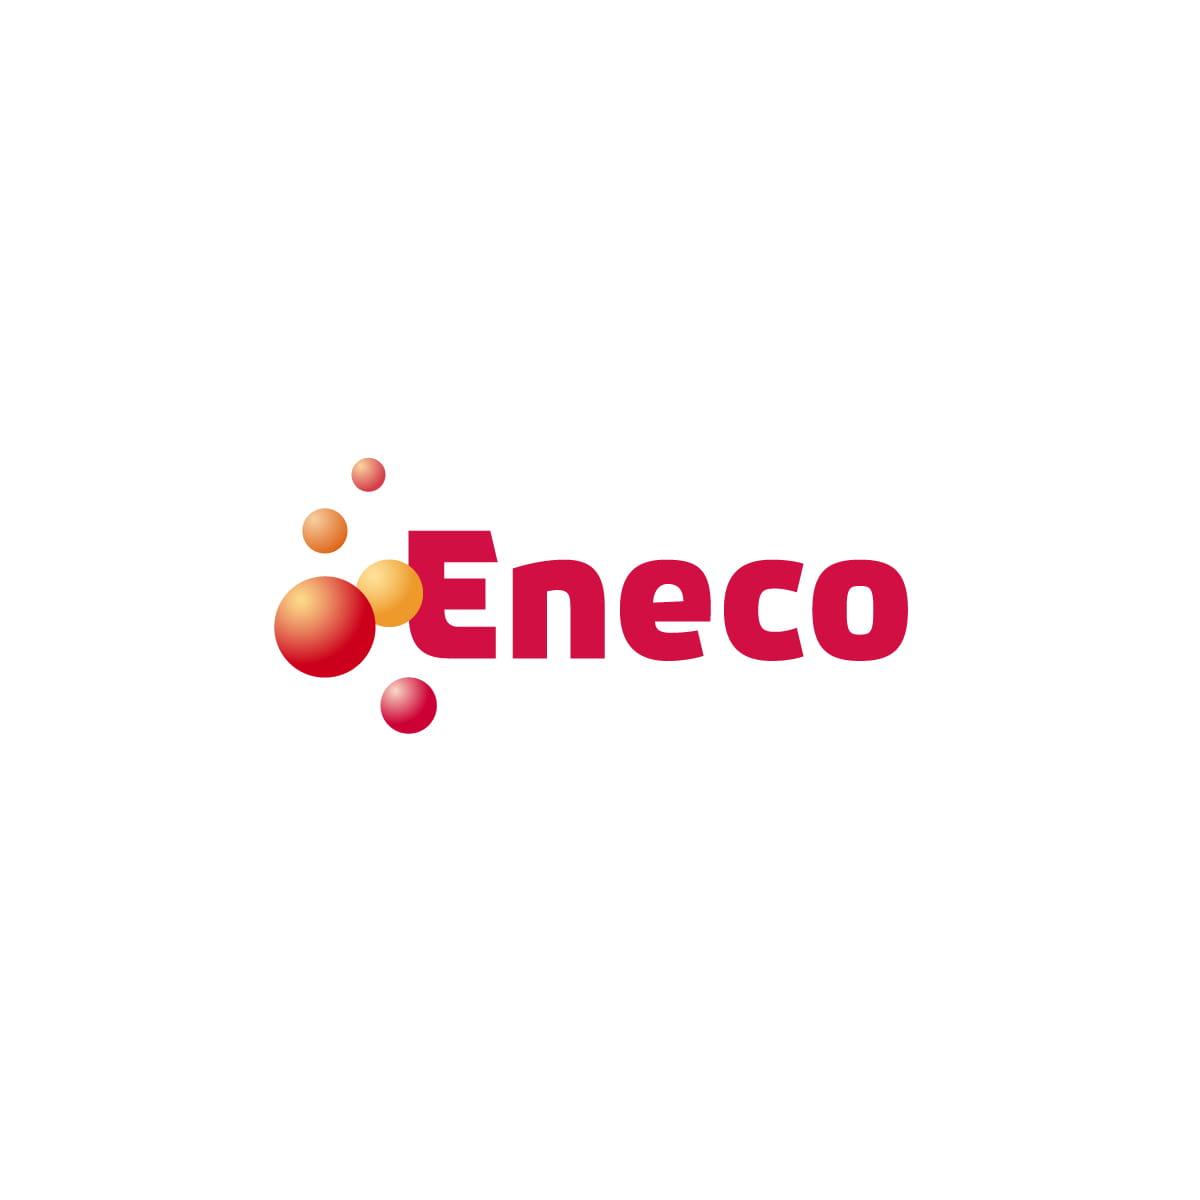 (c) Eneco.nl